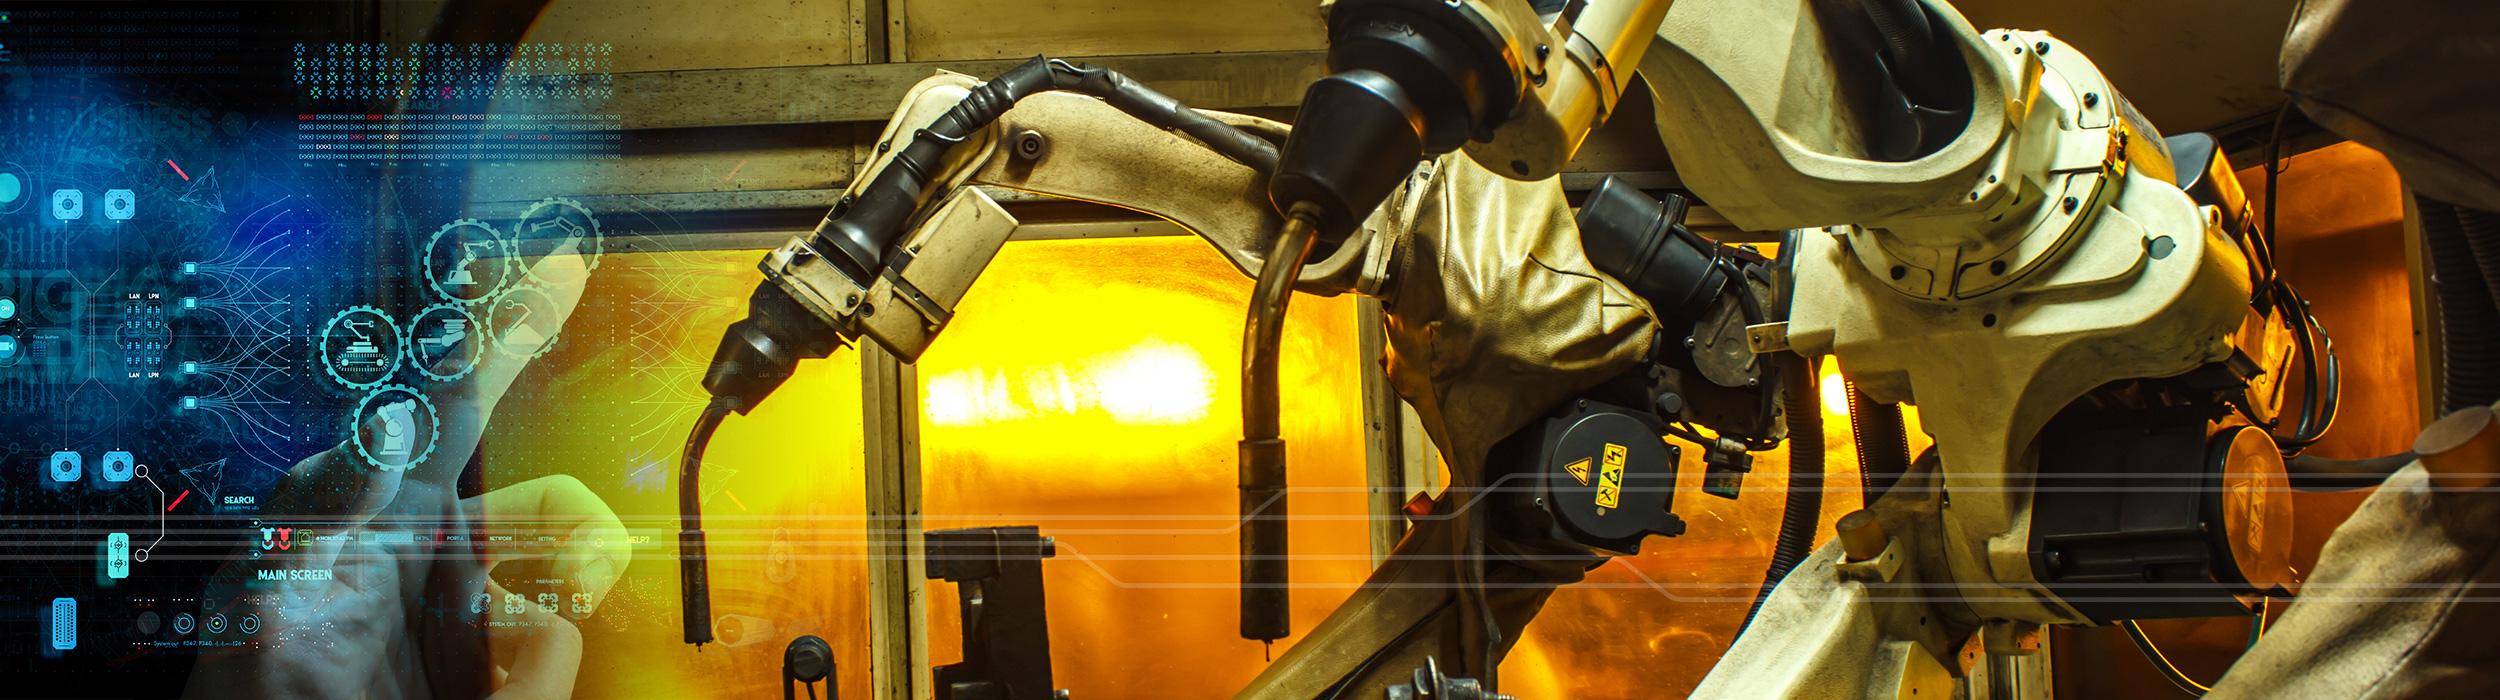 Industrial Robot Slider Image